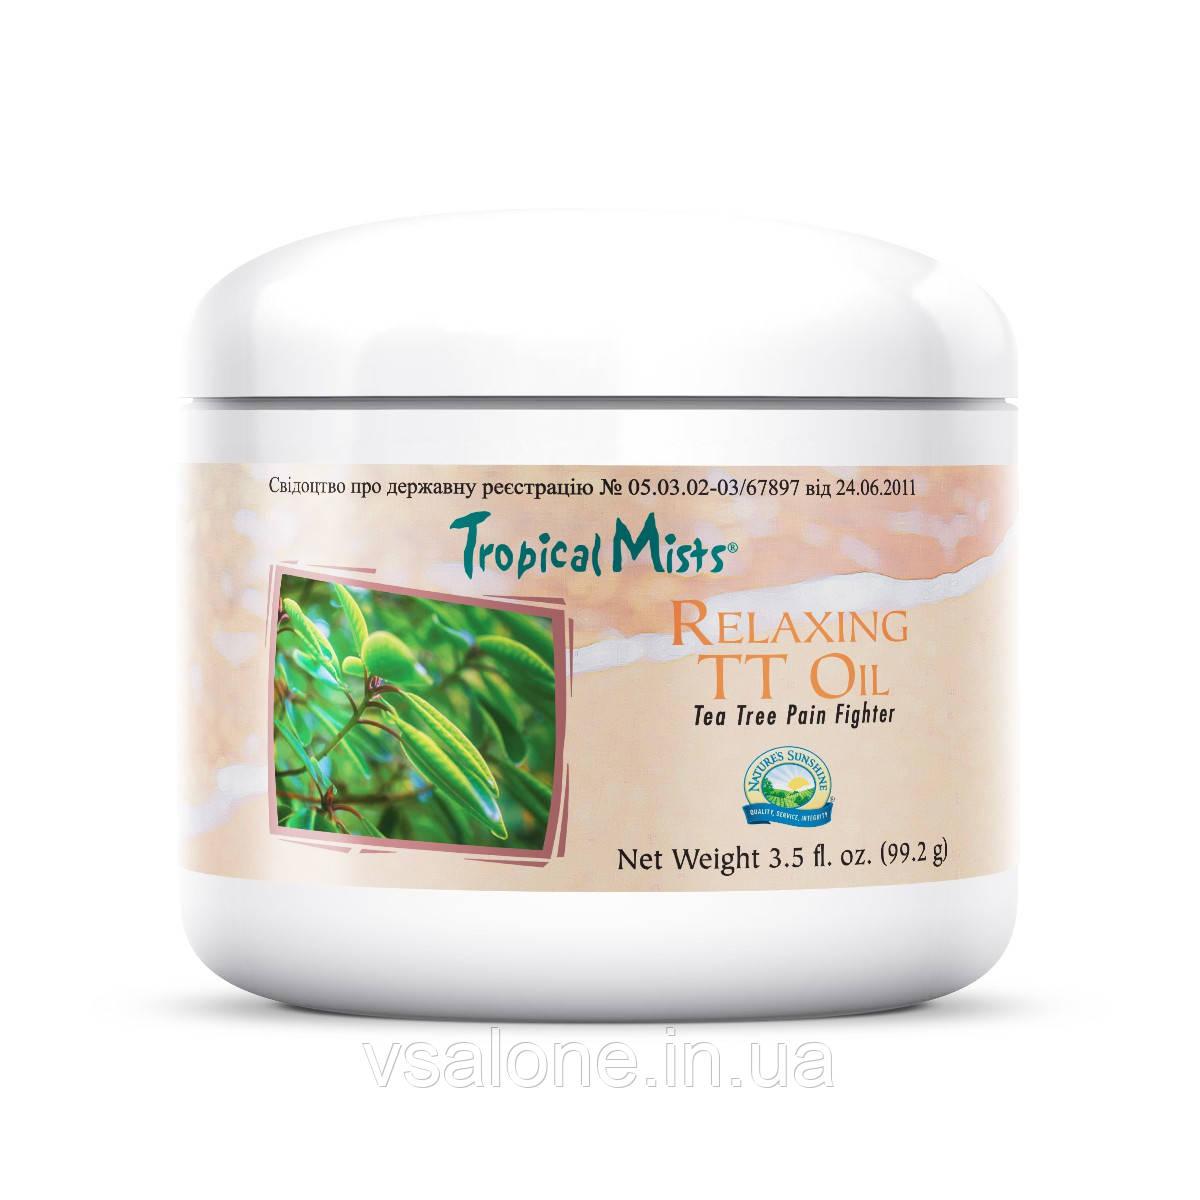 Relaxing TT Oil NSP Обезболивающий крем Расслабляющее масло чайного дерева для мышц и суставов НСП